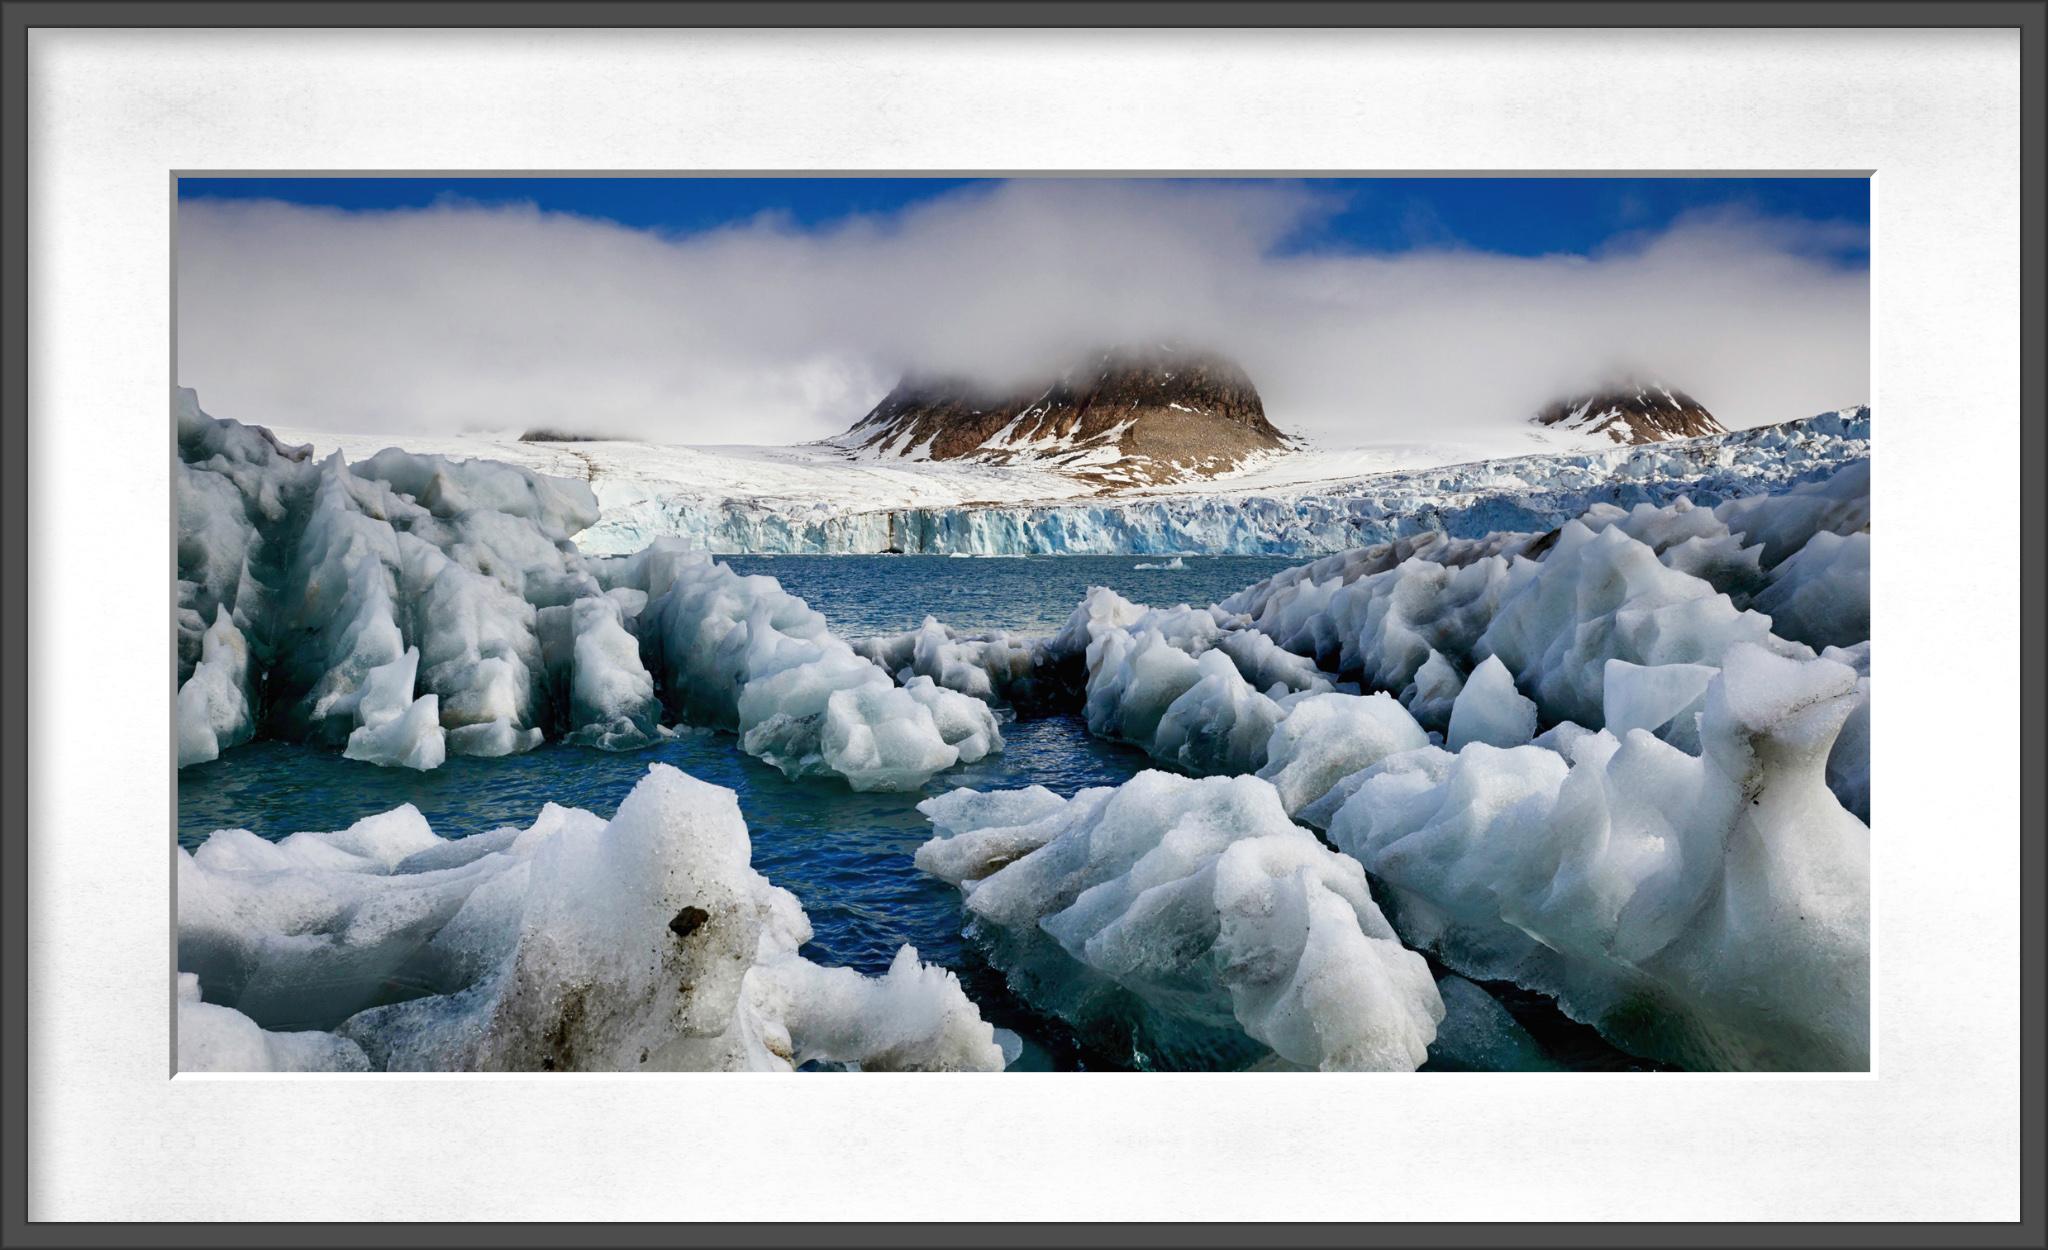 Svlabard Iceberg